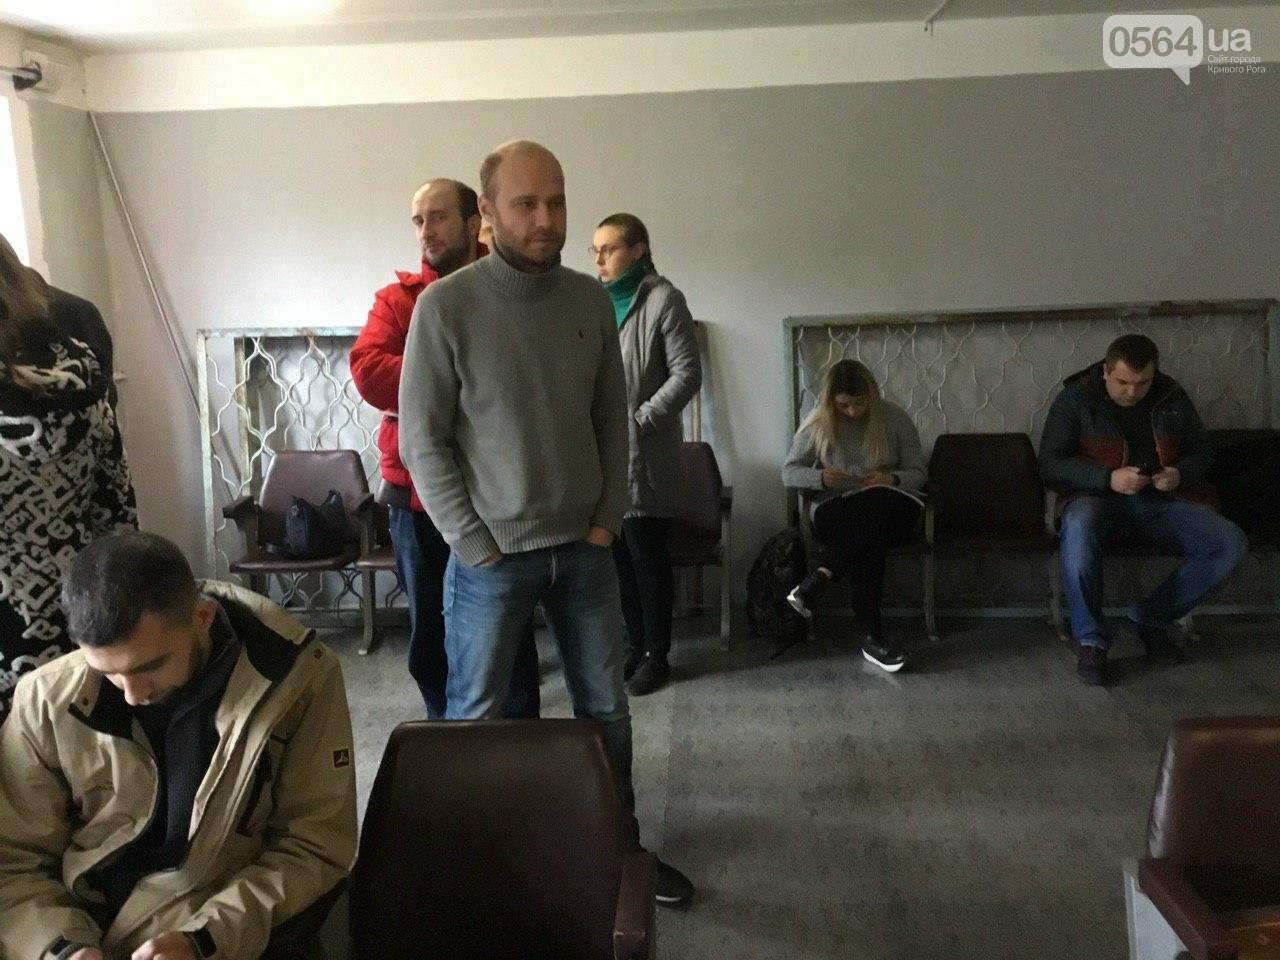 """""""Простая задача - остановить людей. Сидите тихонько и не рыпайтесь!"""", - криворожский депутат объяснил, почему его судят - ФОТО, ВИДЕО, фото-7"""